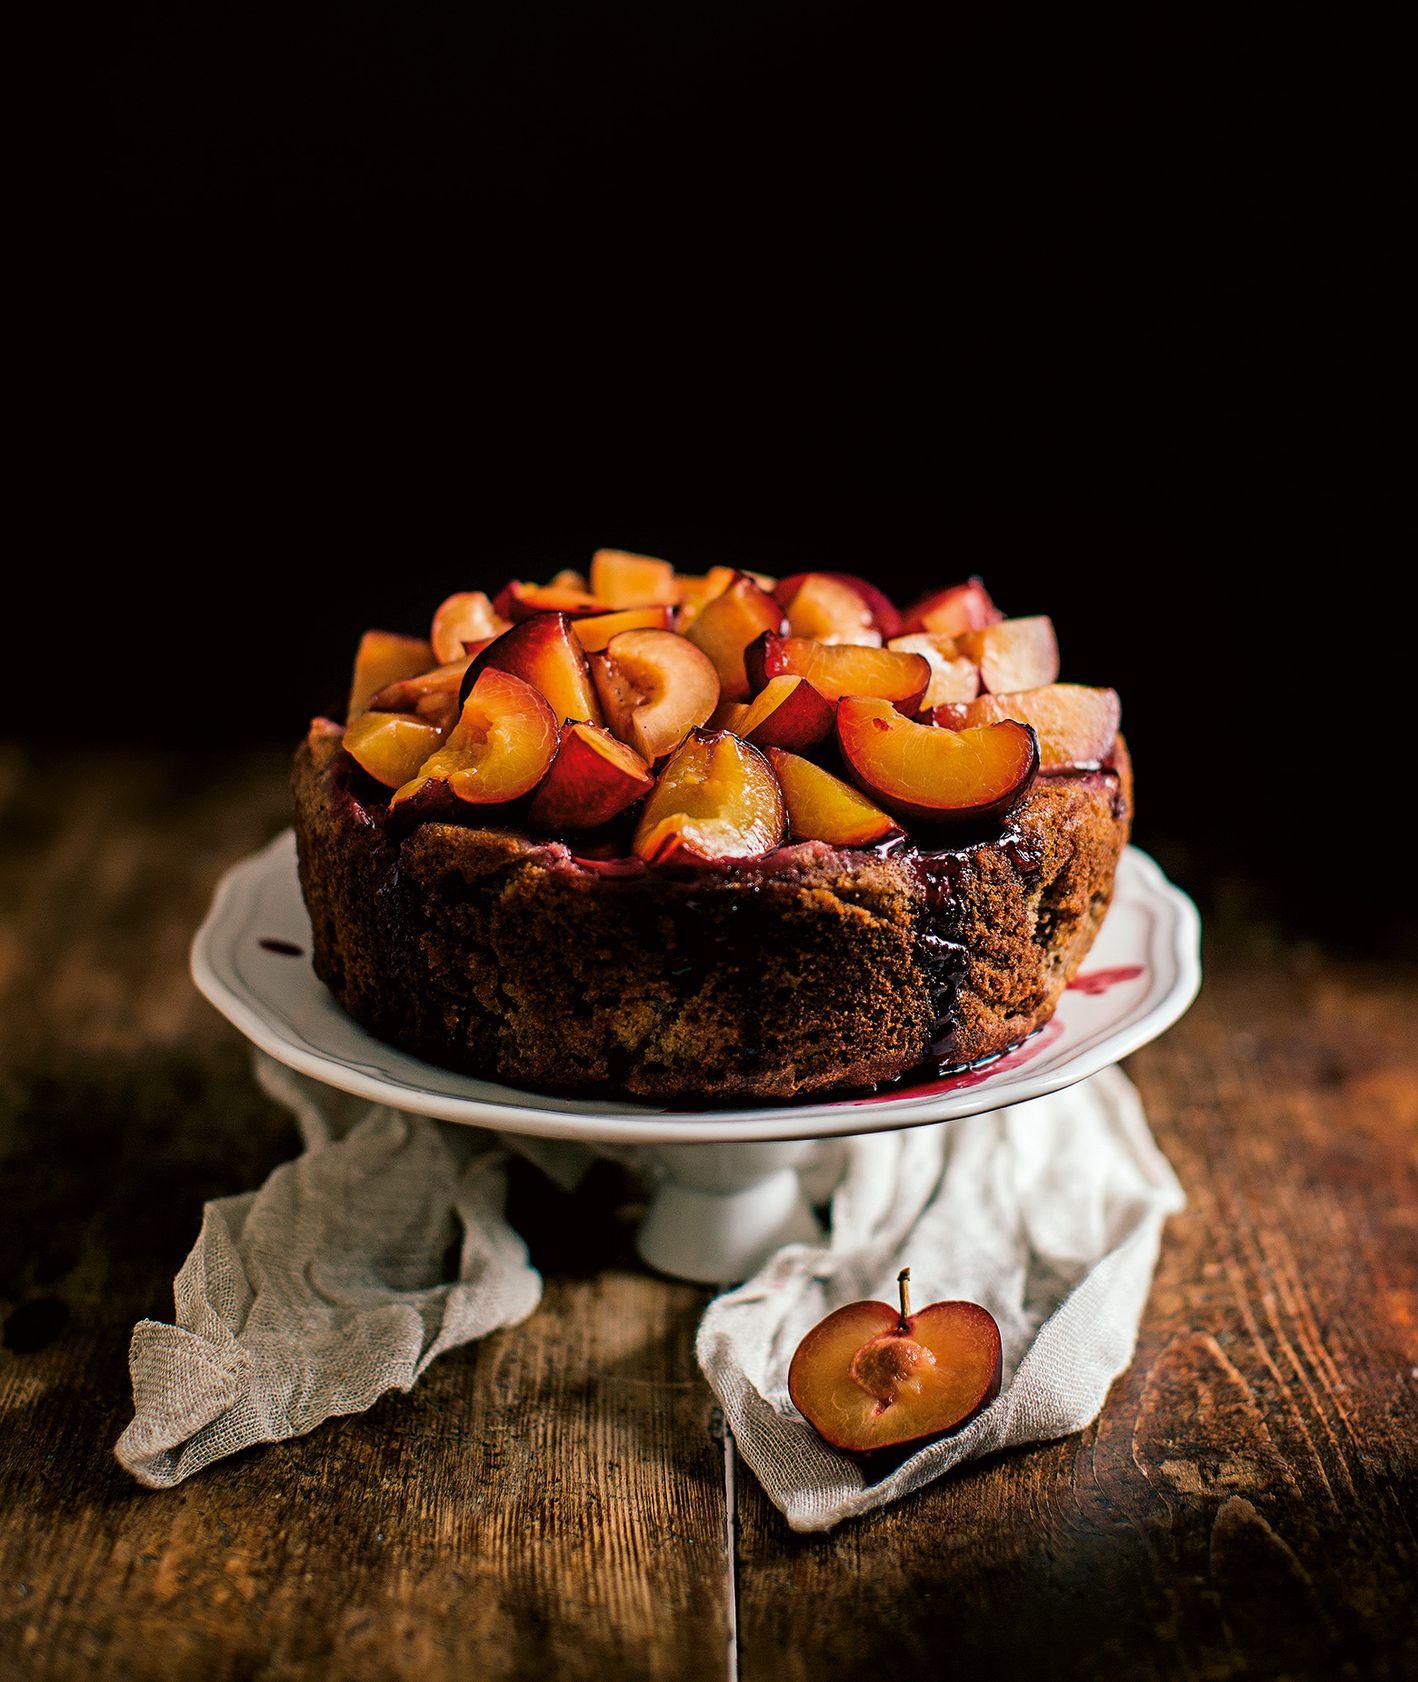 Czekoladowe ciasto ze śliwkami w czerwonym winie (fot.